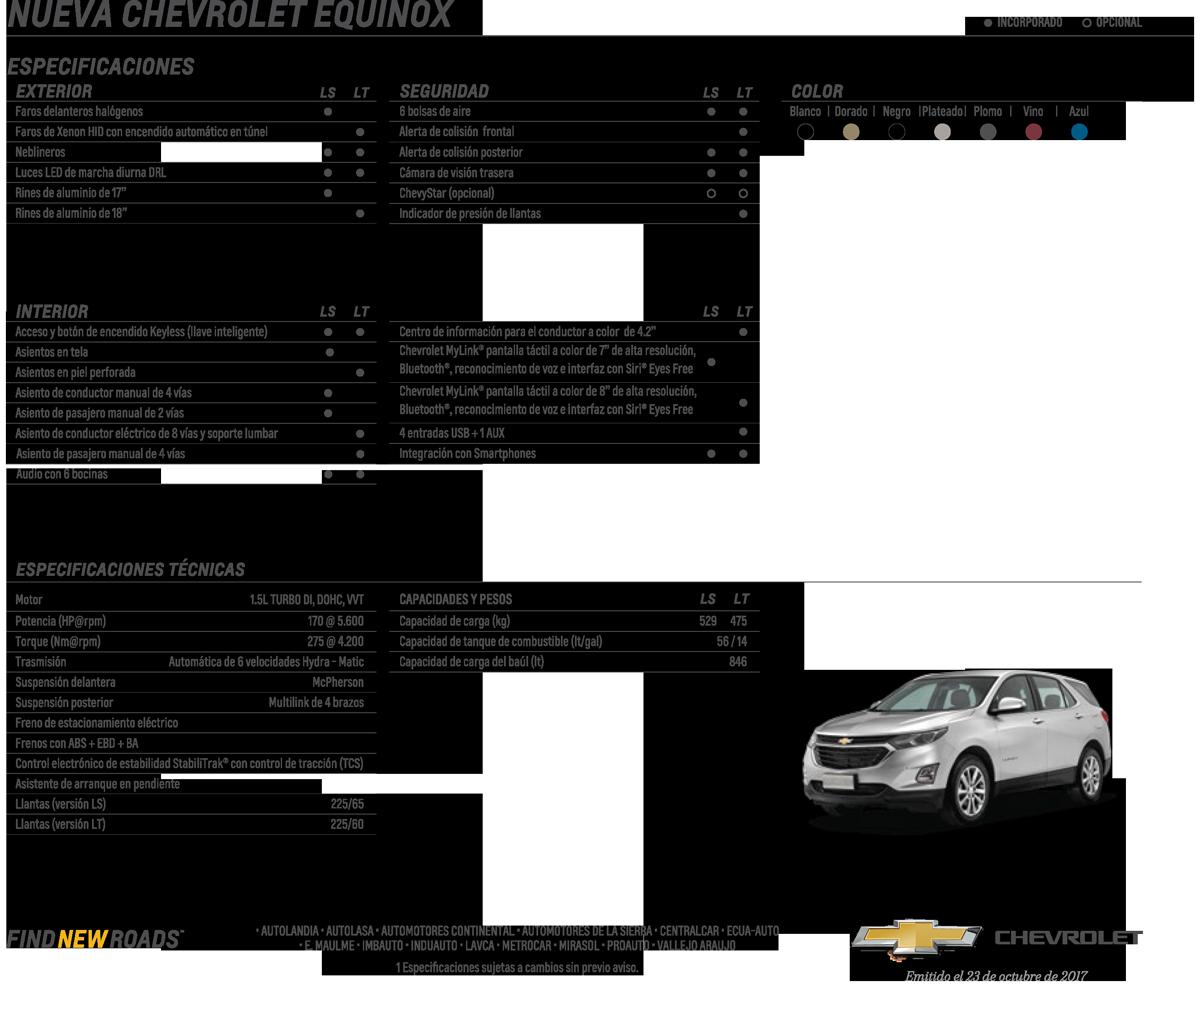 Chevrolet Equinox 2019 Ecuador Precio Opiniones Ficha Tecnica